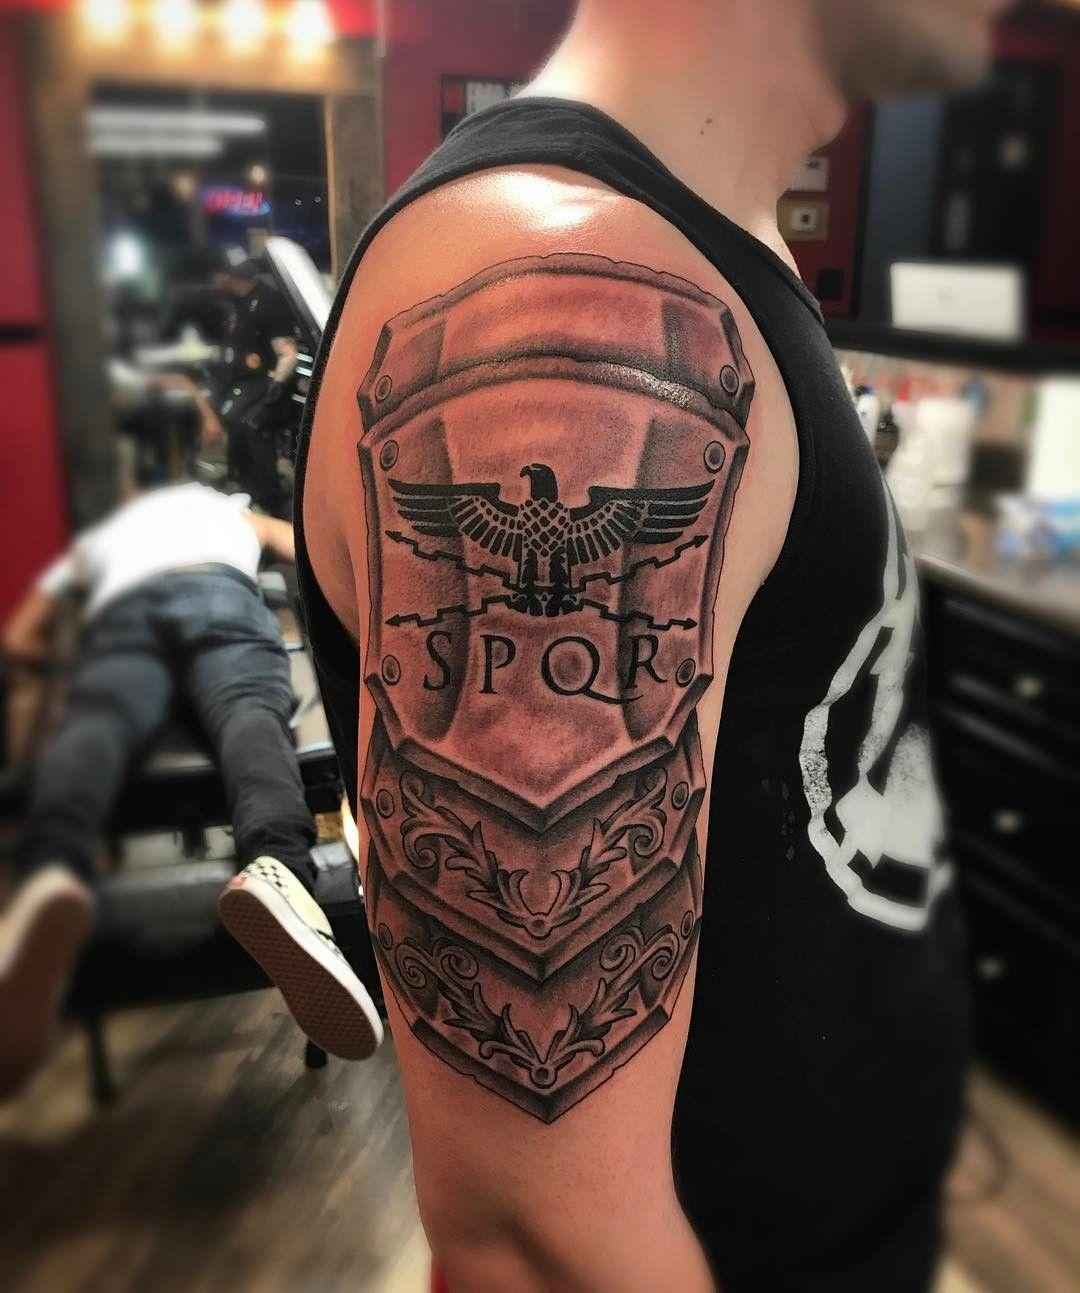 Gladiator Tattoo Spqr: My SPQR Tattoo #tattoos #SPQR #armortattoo #RomaVictor